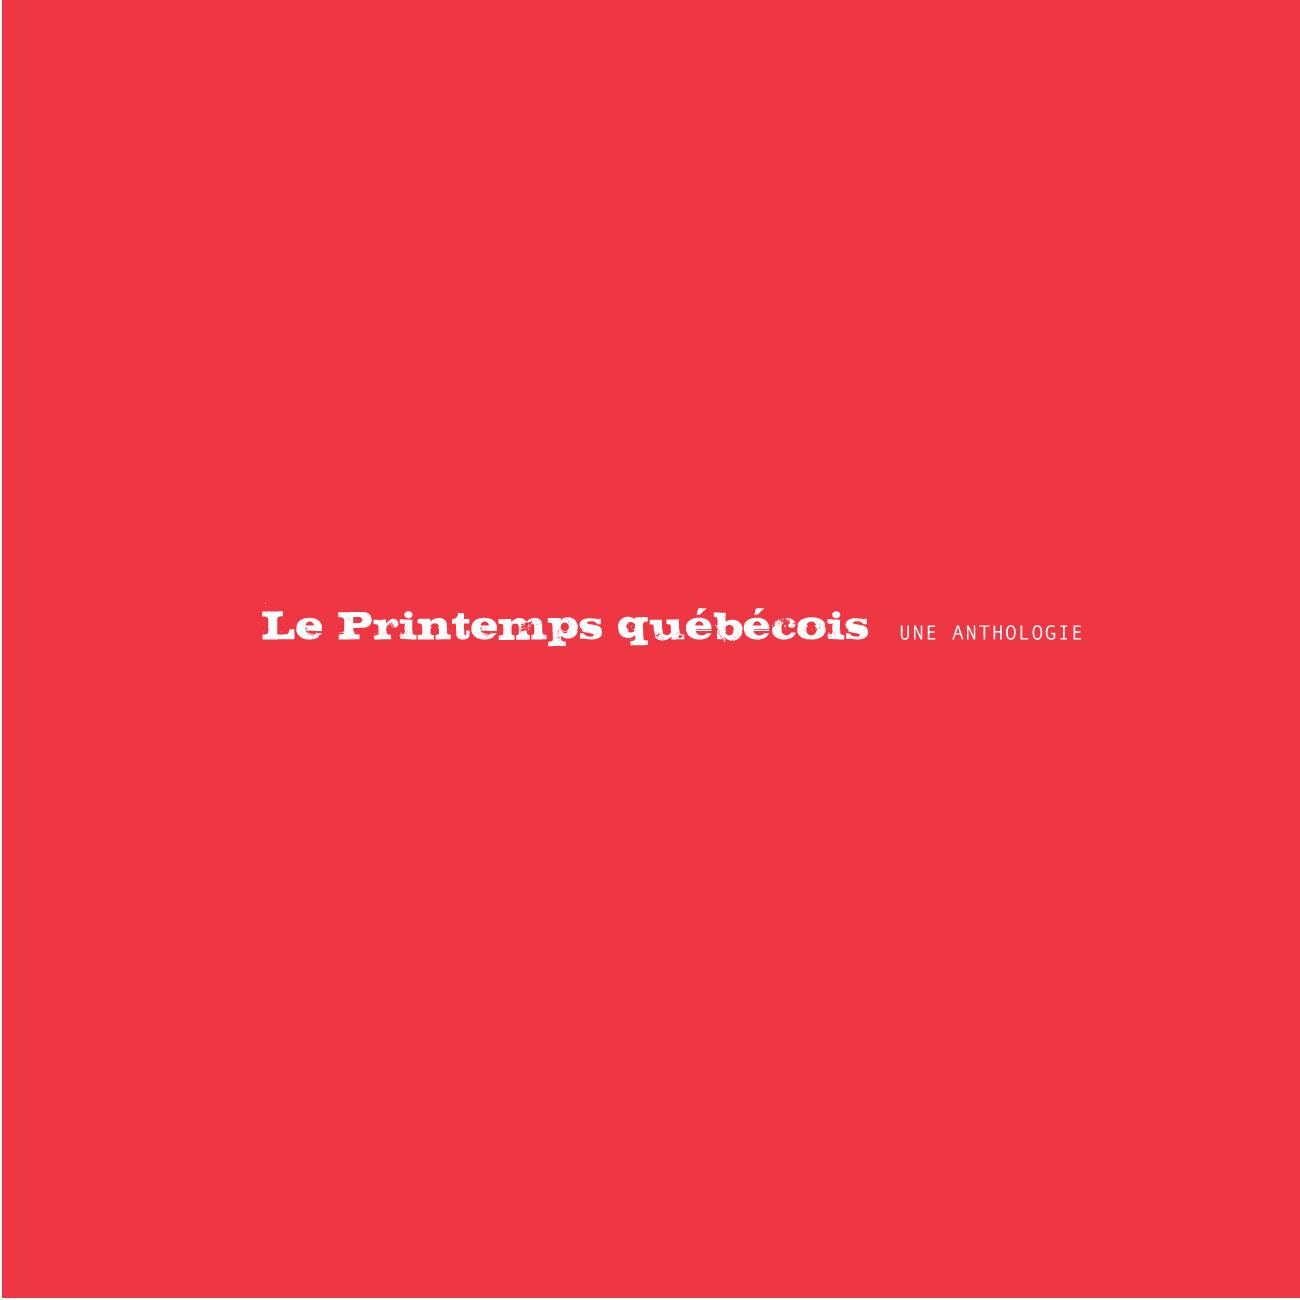 Le Printemps québécois, Une anthologie